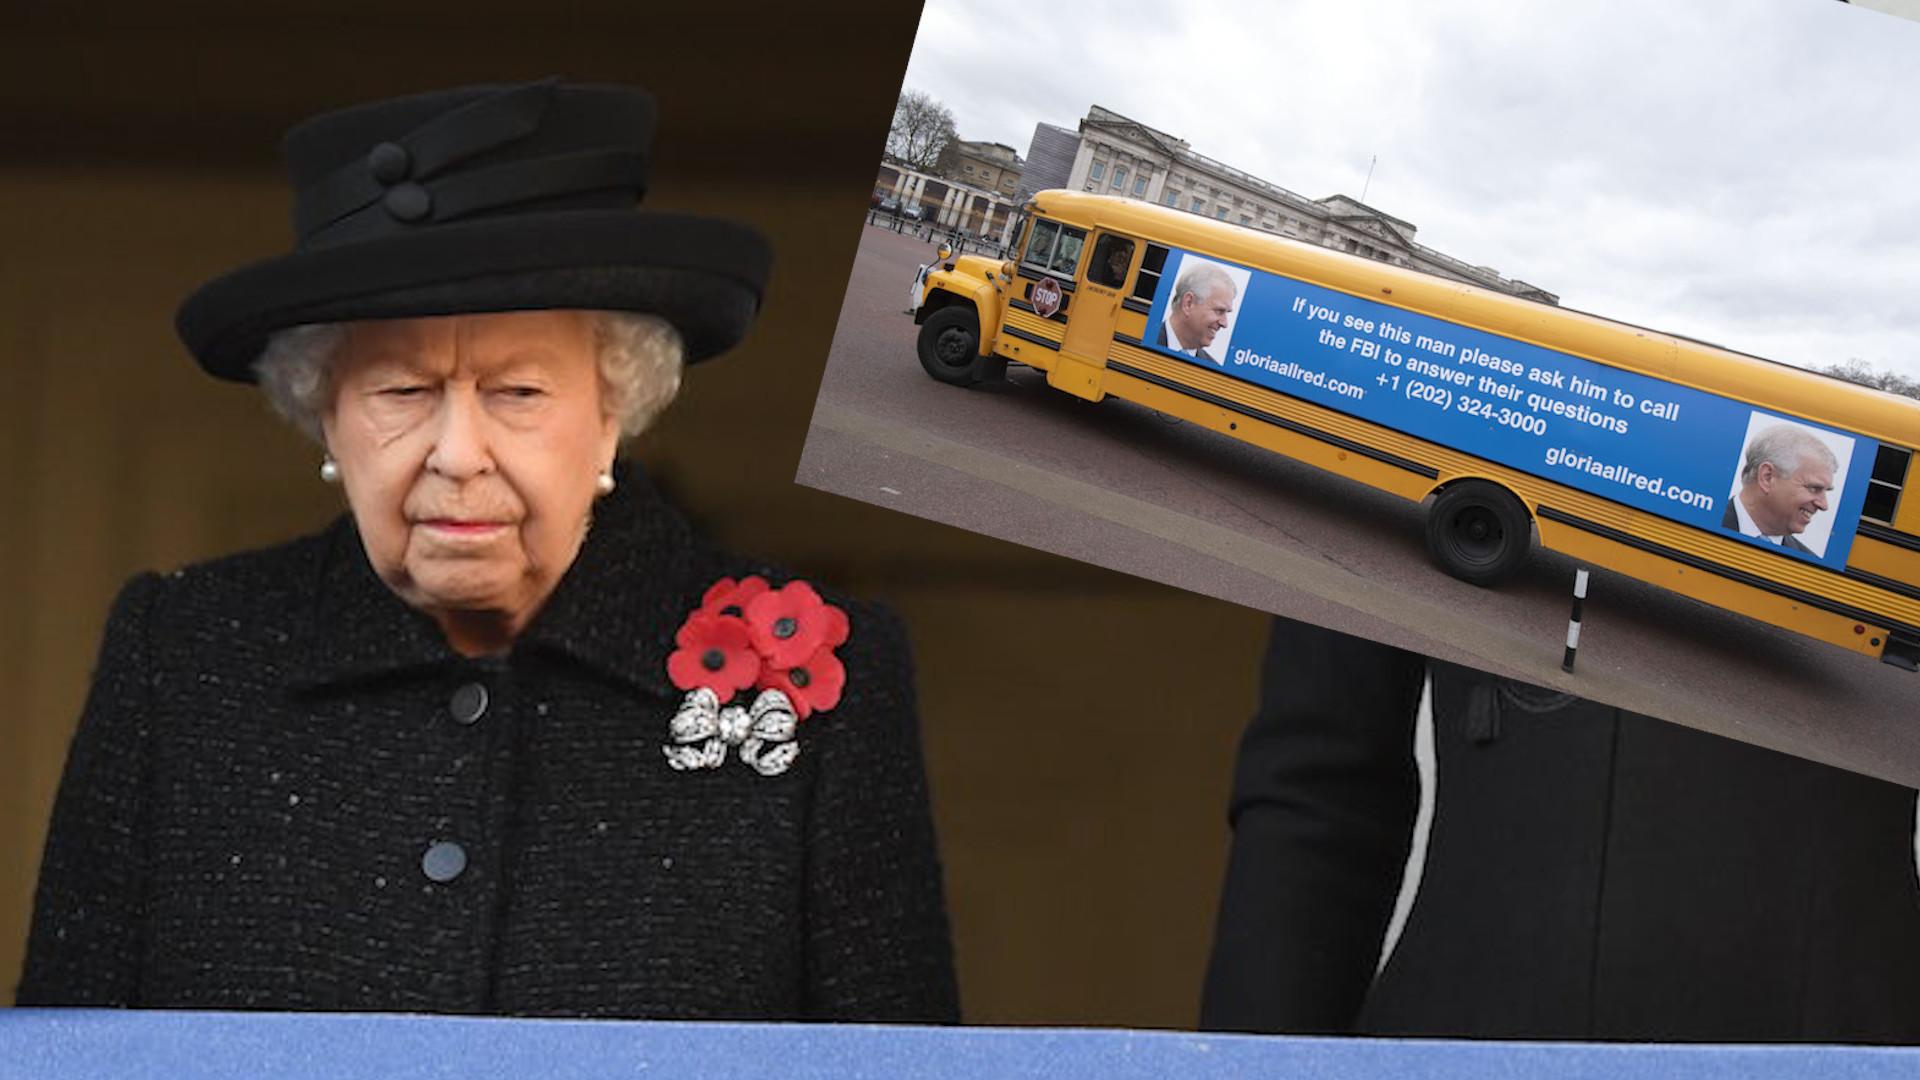 Królowa Elżbieta tego nie wytrzyma! Przed pałacem pojawił się autokar z wizerunkiem księcia Andrzeja